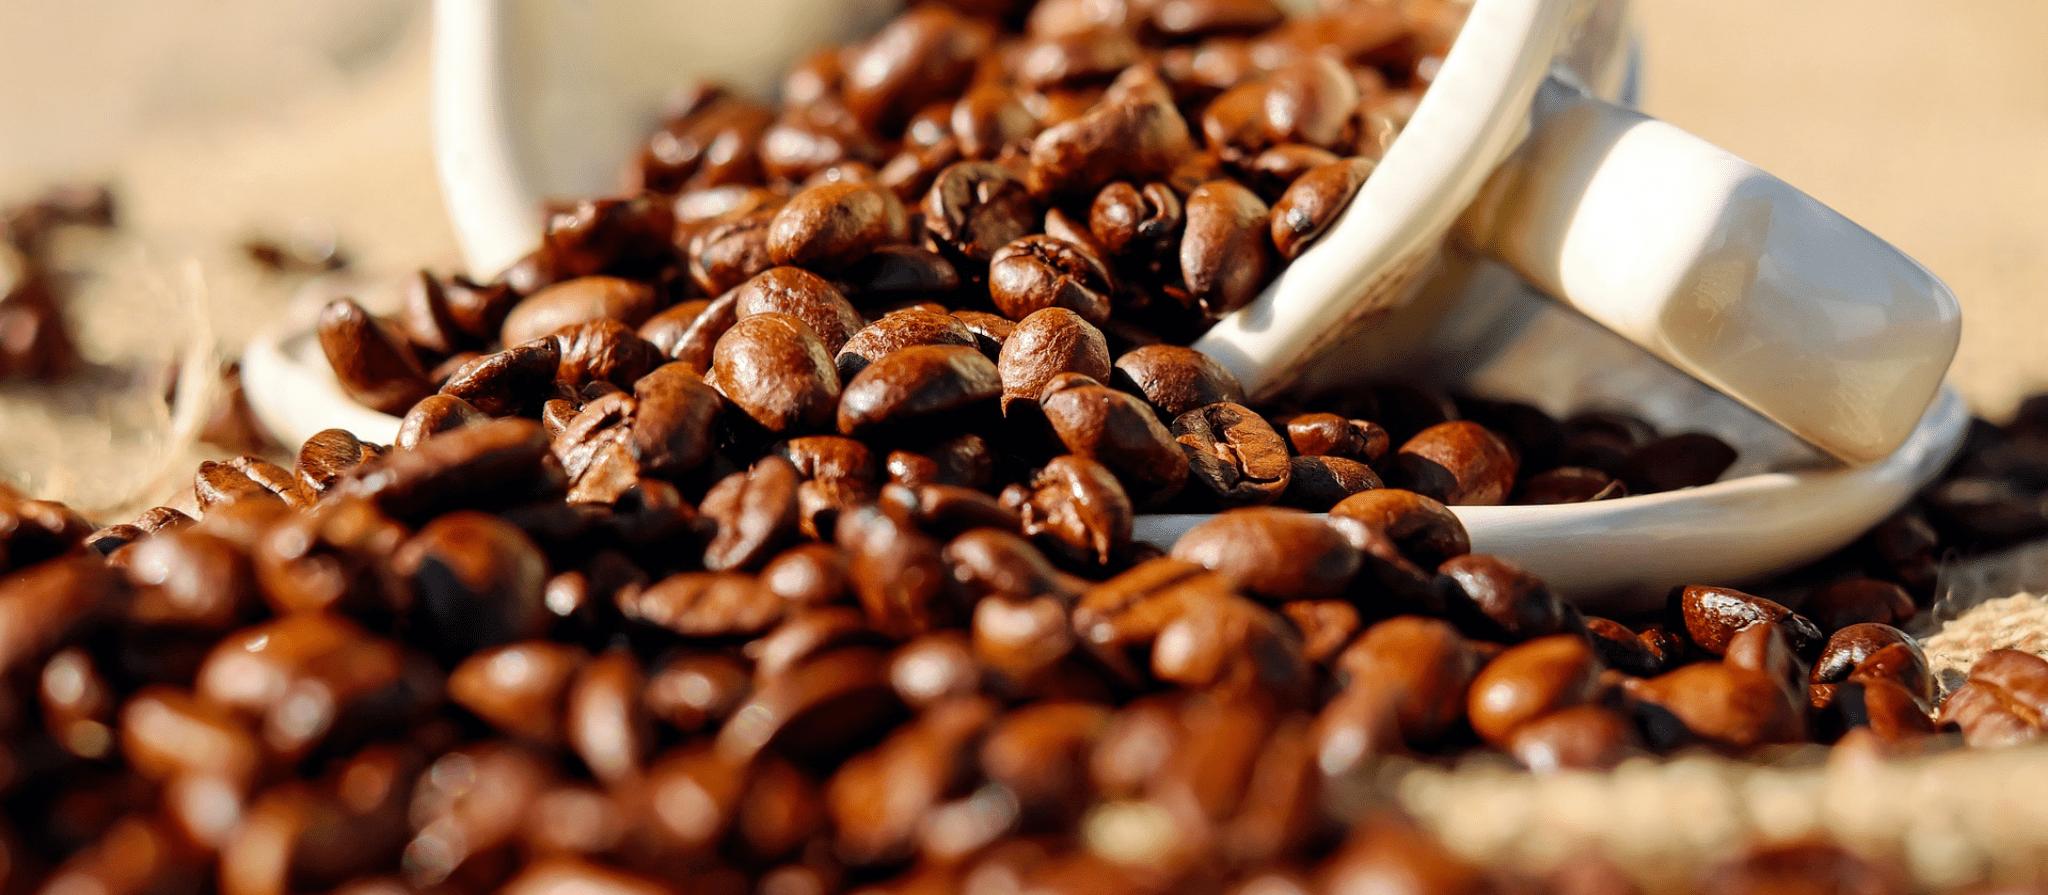 Café em coco custa R$ 6,08 Kg em Maringá